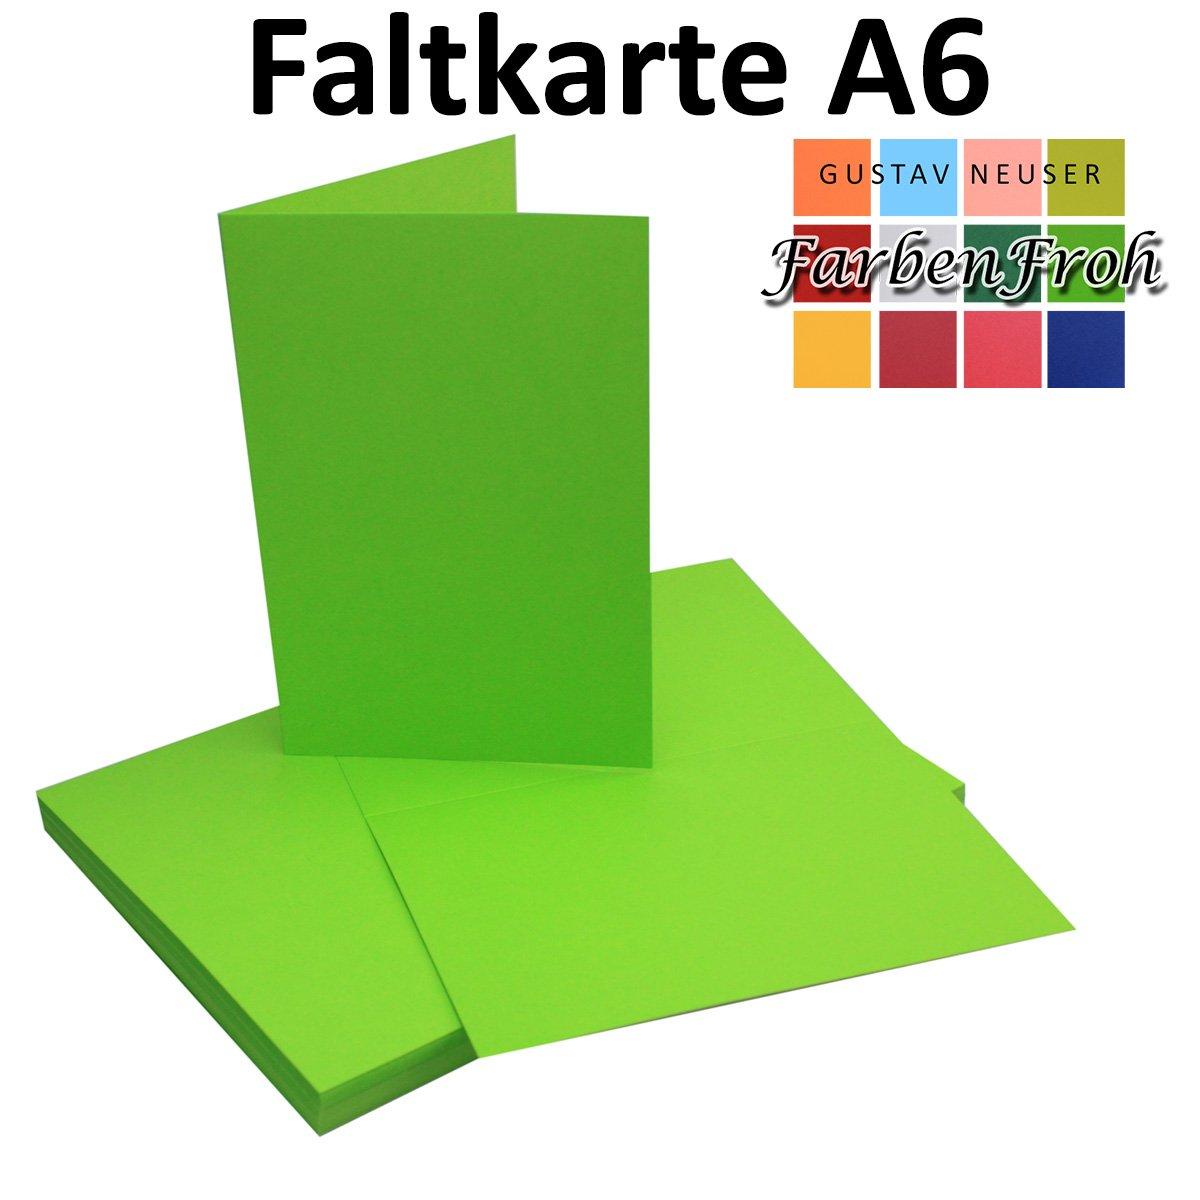 150x 150x 150x Falt-Karten DIN A6 Blanko Doppel-Karten in Vanille -10,5 x 14,8 cm   Premium Qualität   FarbenFroh® B079VQRKMZ |  Neuer Markt  ff8f82